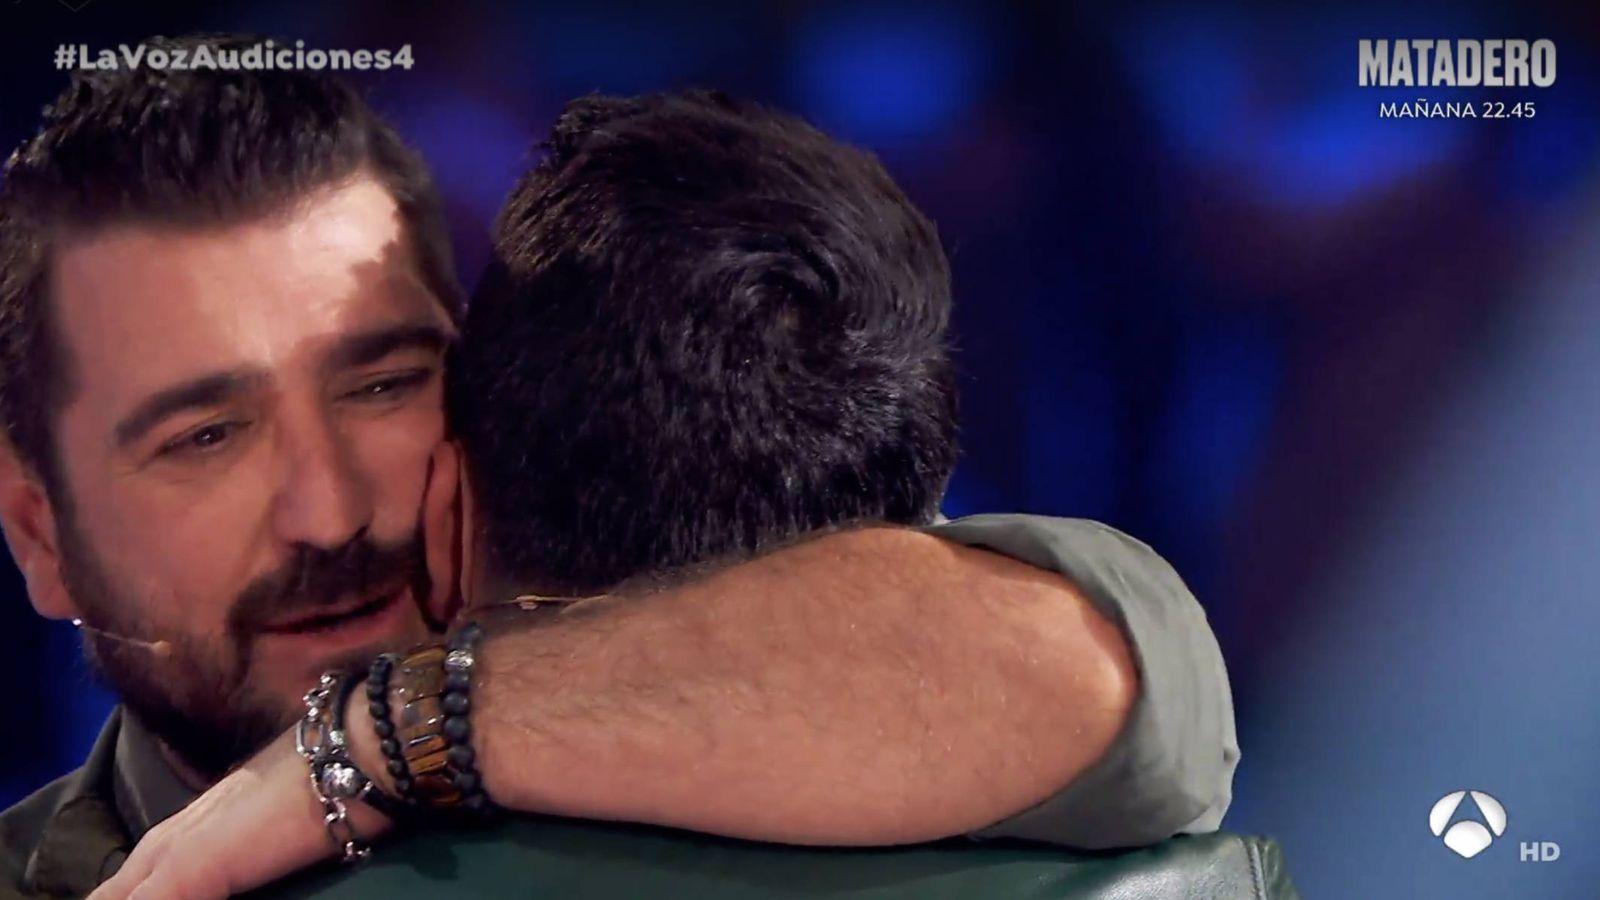 La Voz De Orozco Resuena Con Fuerza Con La Confesión Que Emocionó A Luis Fonsi